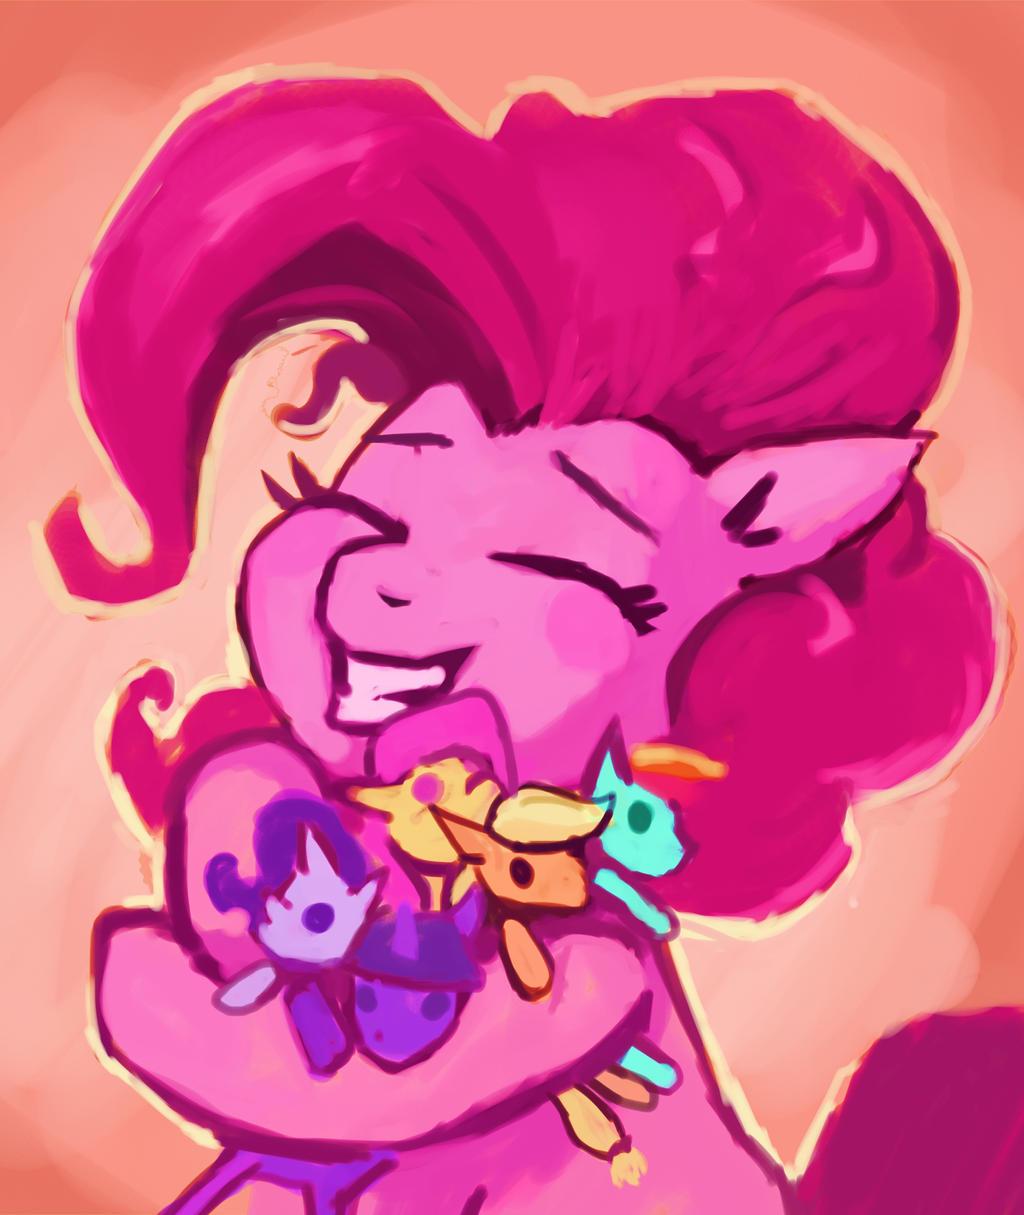 Felt Heart Hug by Dunnstar